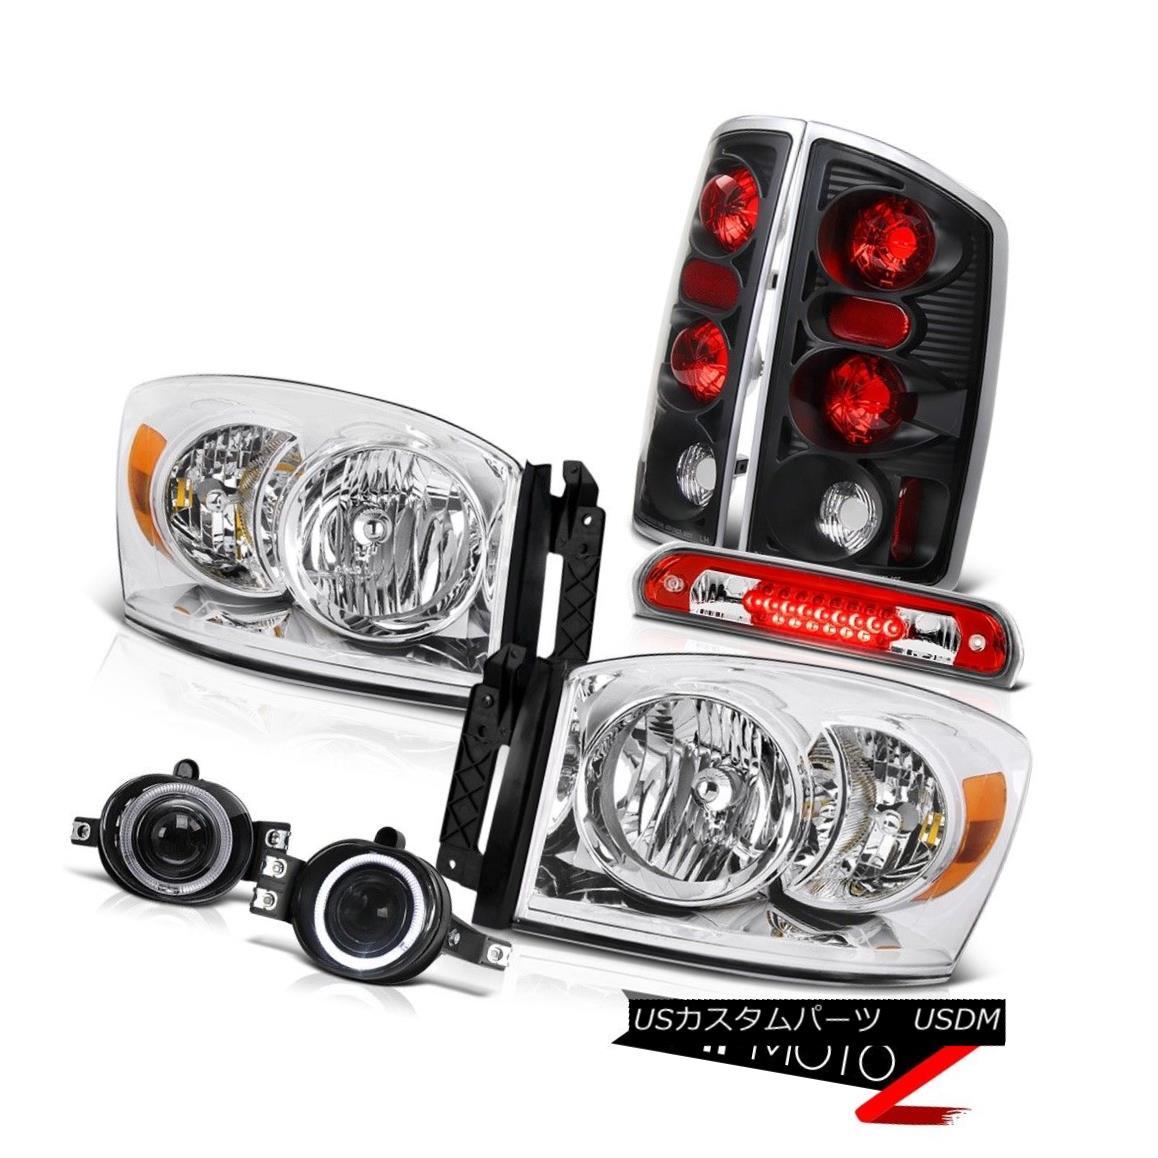 テールライト Headlight Rear Brake Lights Foglights High Cargo LED 2006 Dodge Ram PowerTech ヘッドライトリアブレーキライトFoglightsハイカーゴLED 2006 Dodge Ram PowerTech